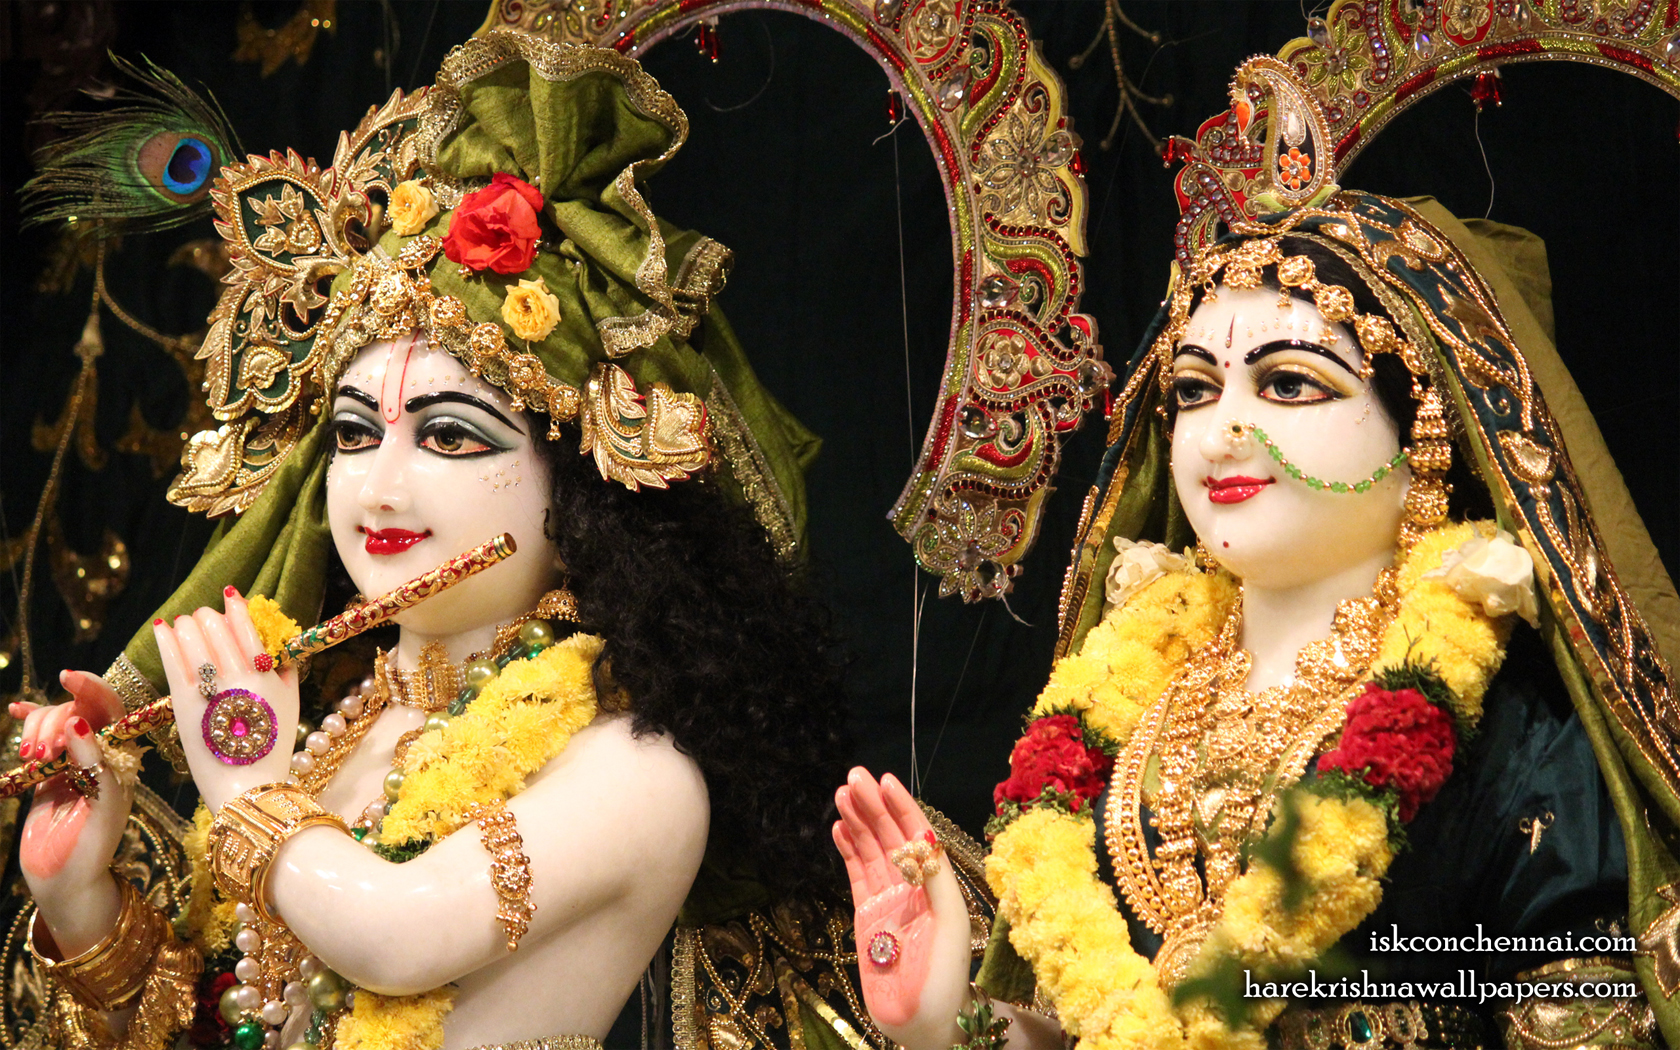 Sri Sri Radha Krishna Close up Wallpaper (004) Size 1680x1050 Download